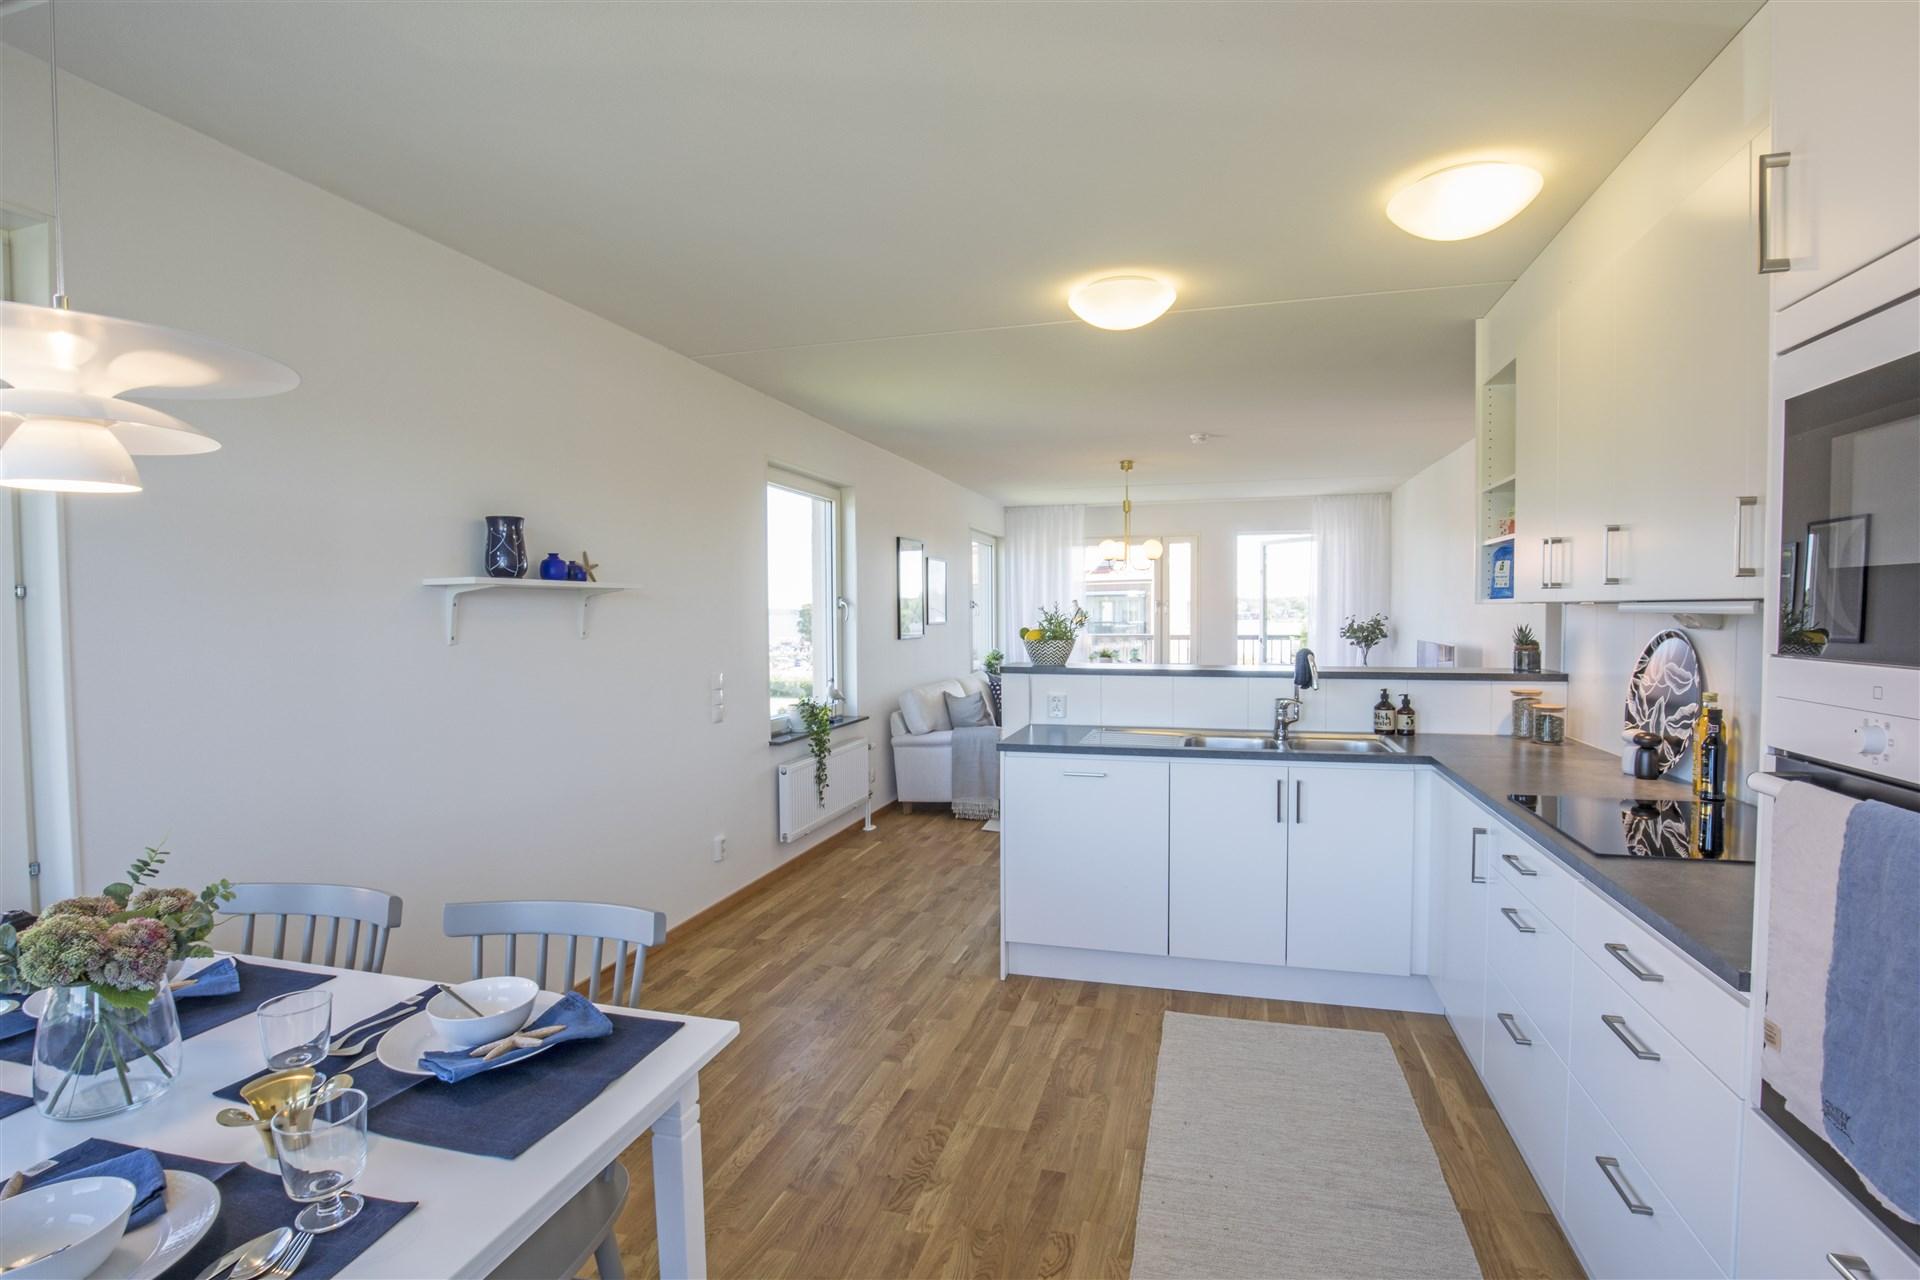 Öppen planlösning mellan kök och vardagsrum i visningslägenheten Terrilörsgatan 3